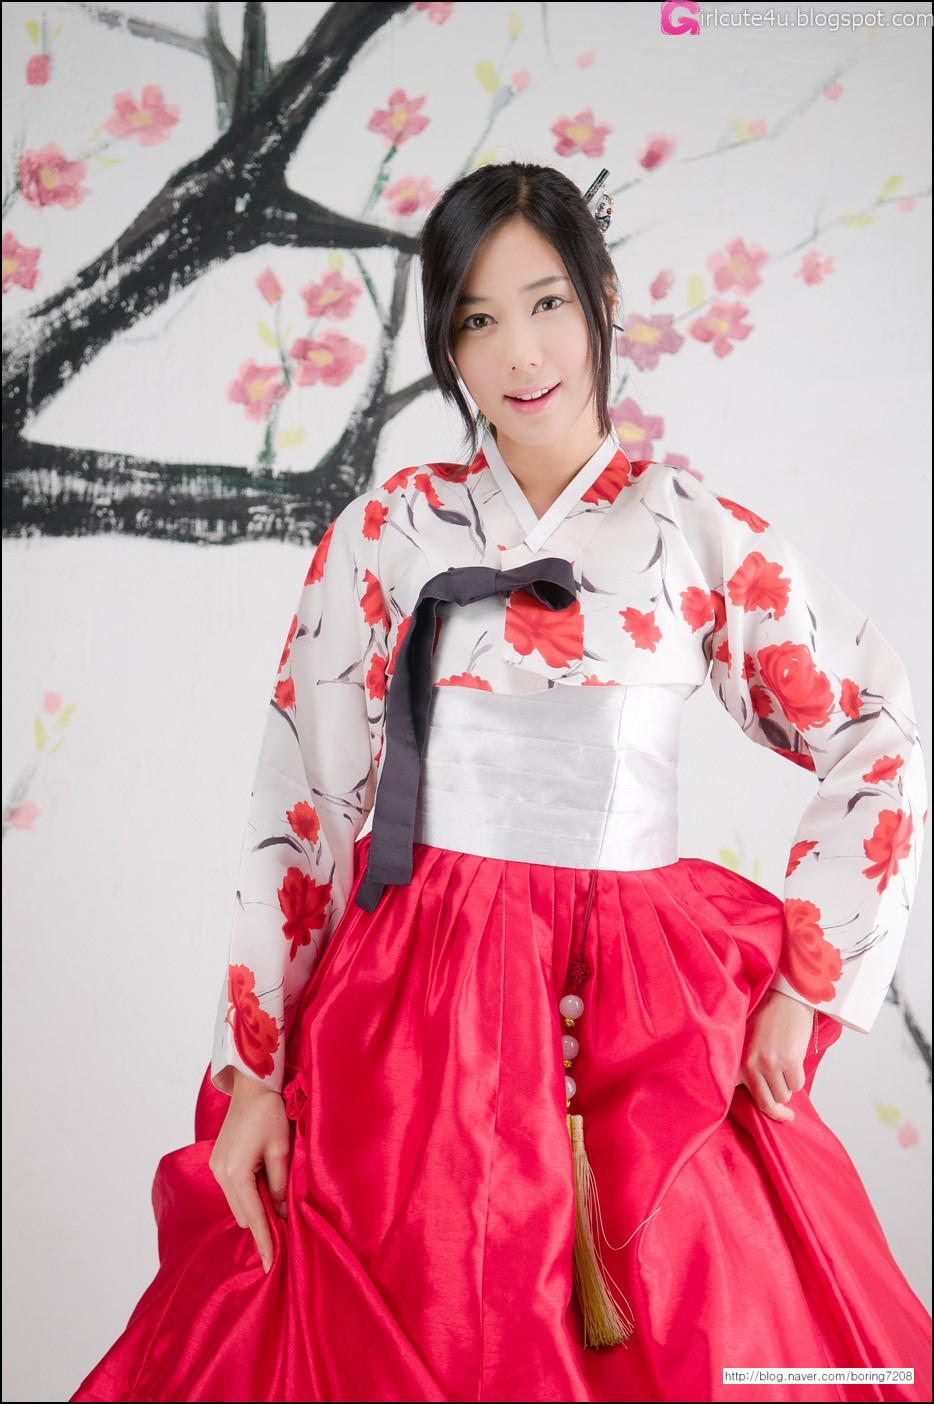 xxx nude girls: Kim Ha Yul - Ruffle Mini Dress